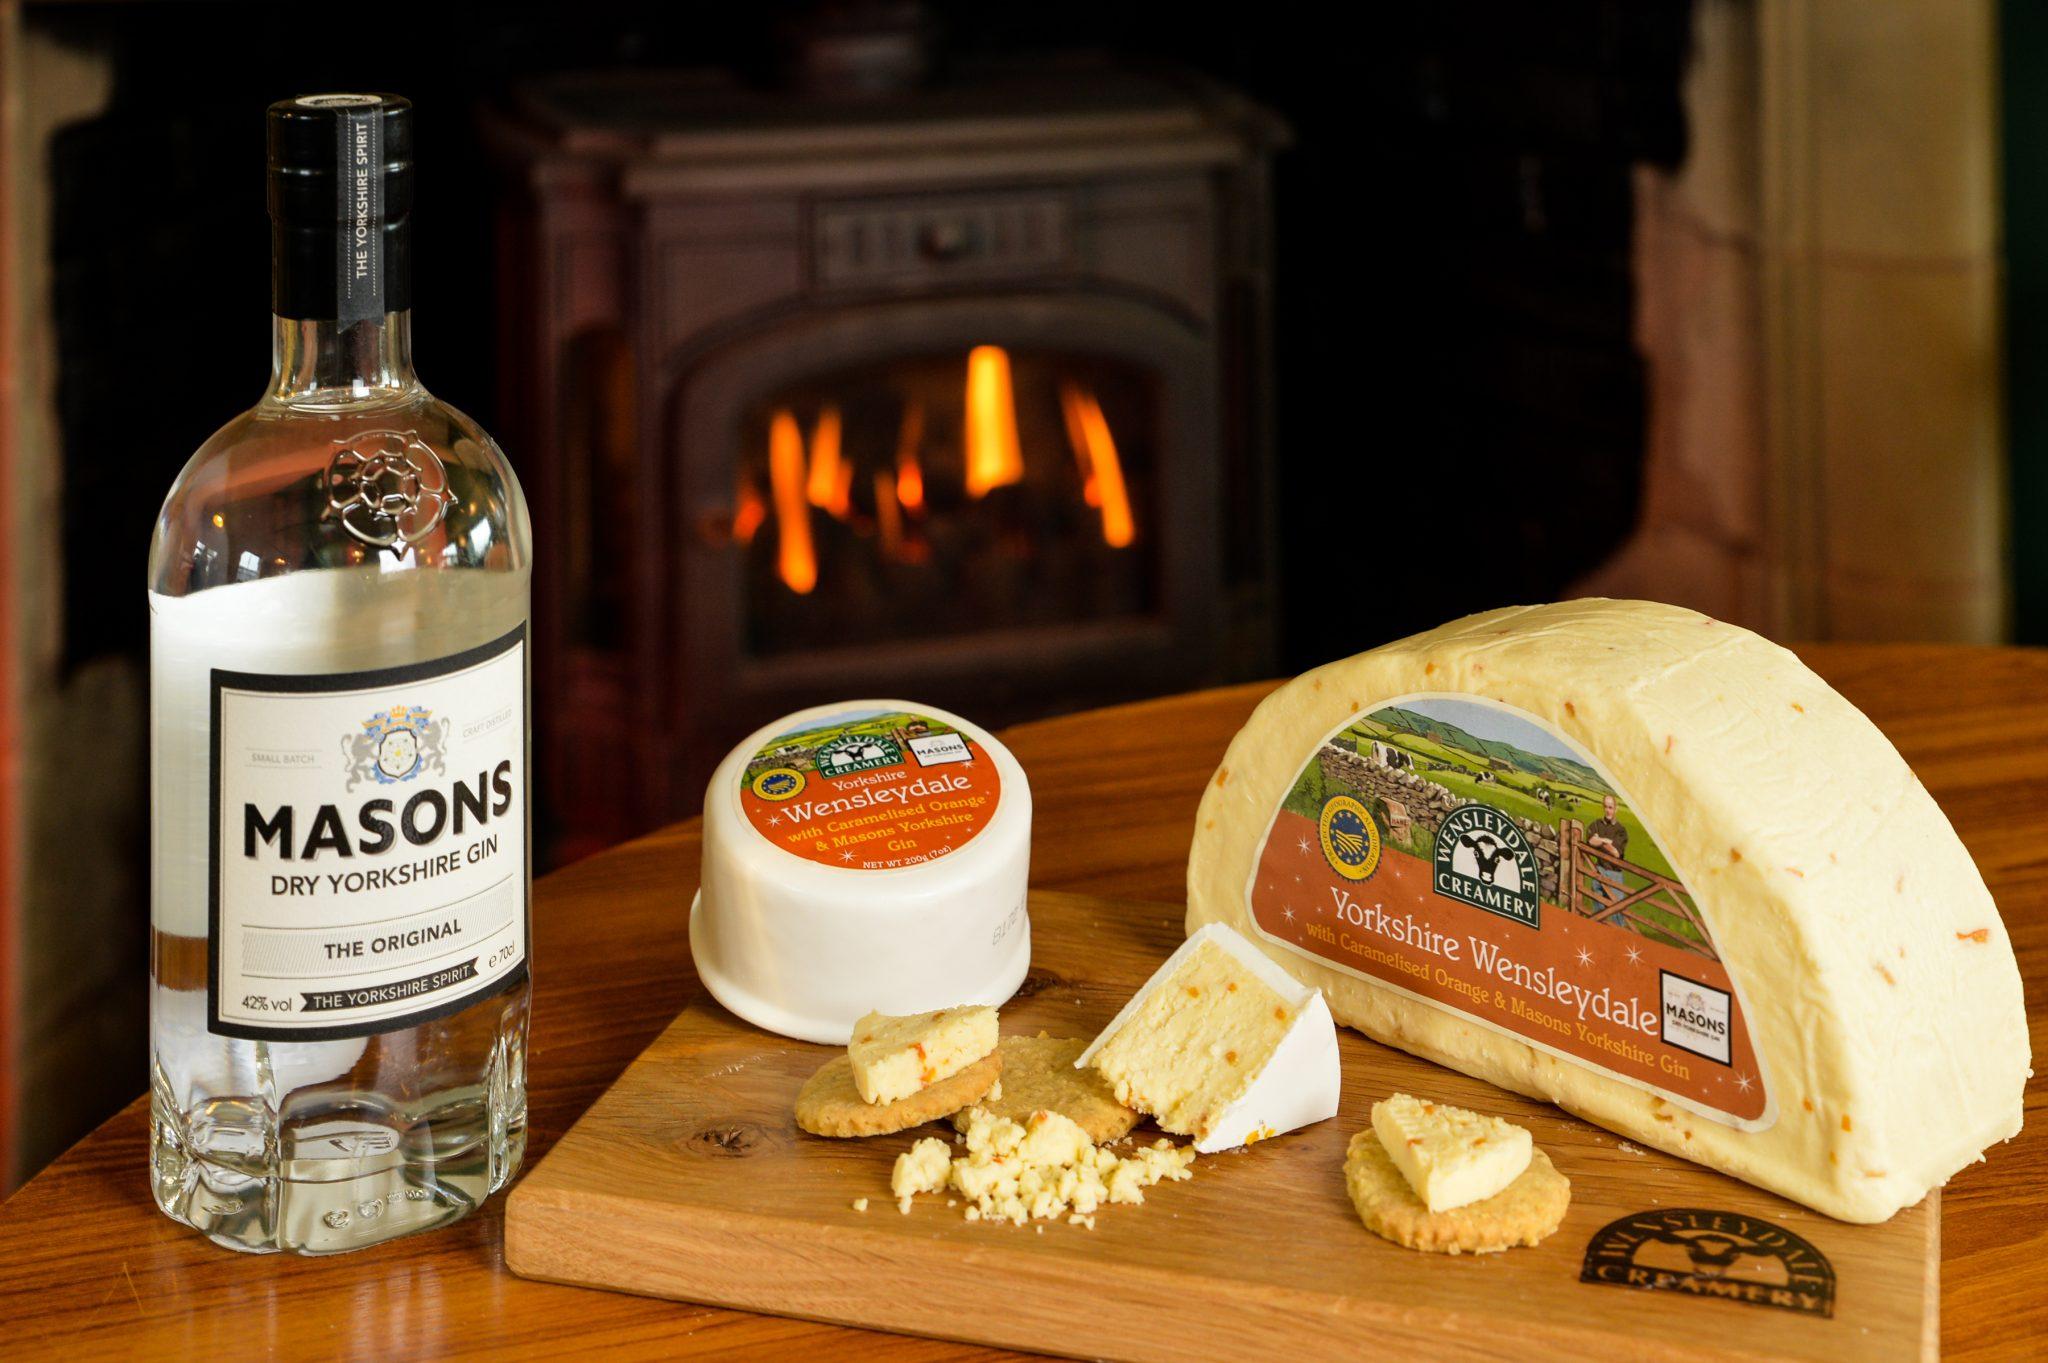 Wensleydale Creamery's Yorkshire Wensleydale with Caramelised Orange & Masons Yorkshire Gin